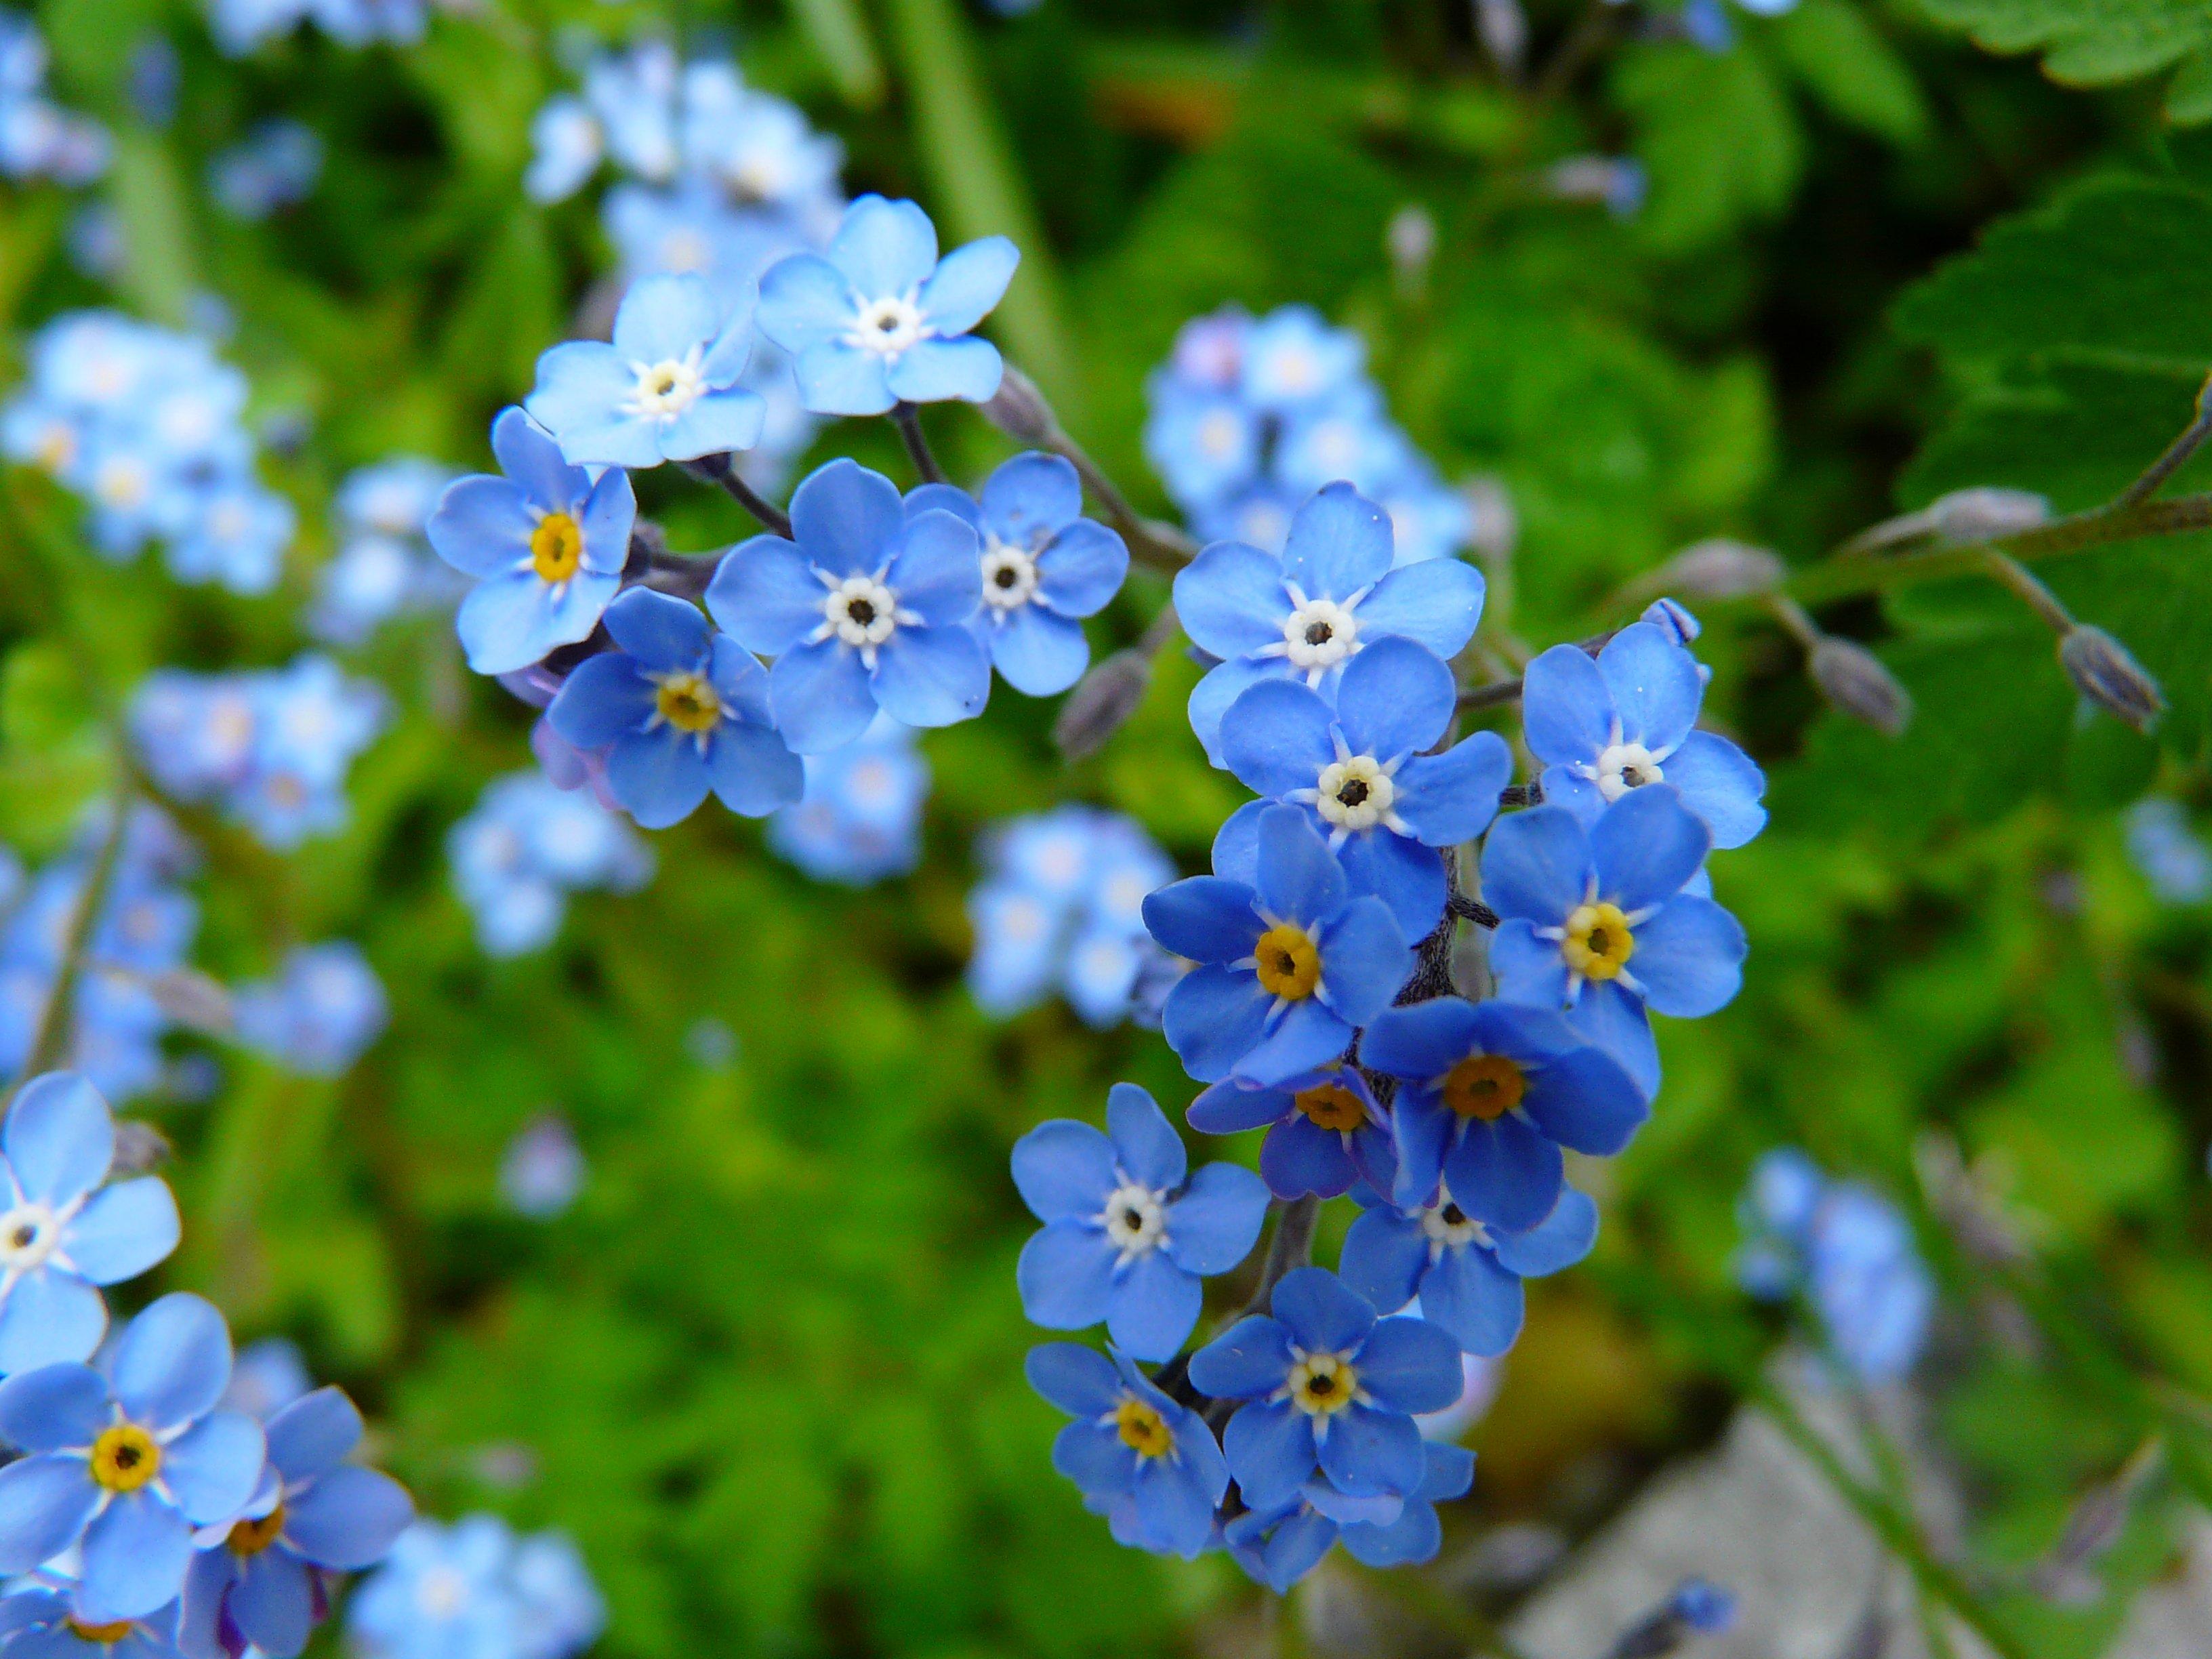 мелкие голубые цветы названия и фото конце представлена